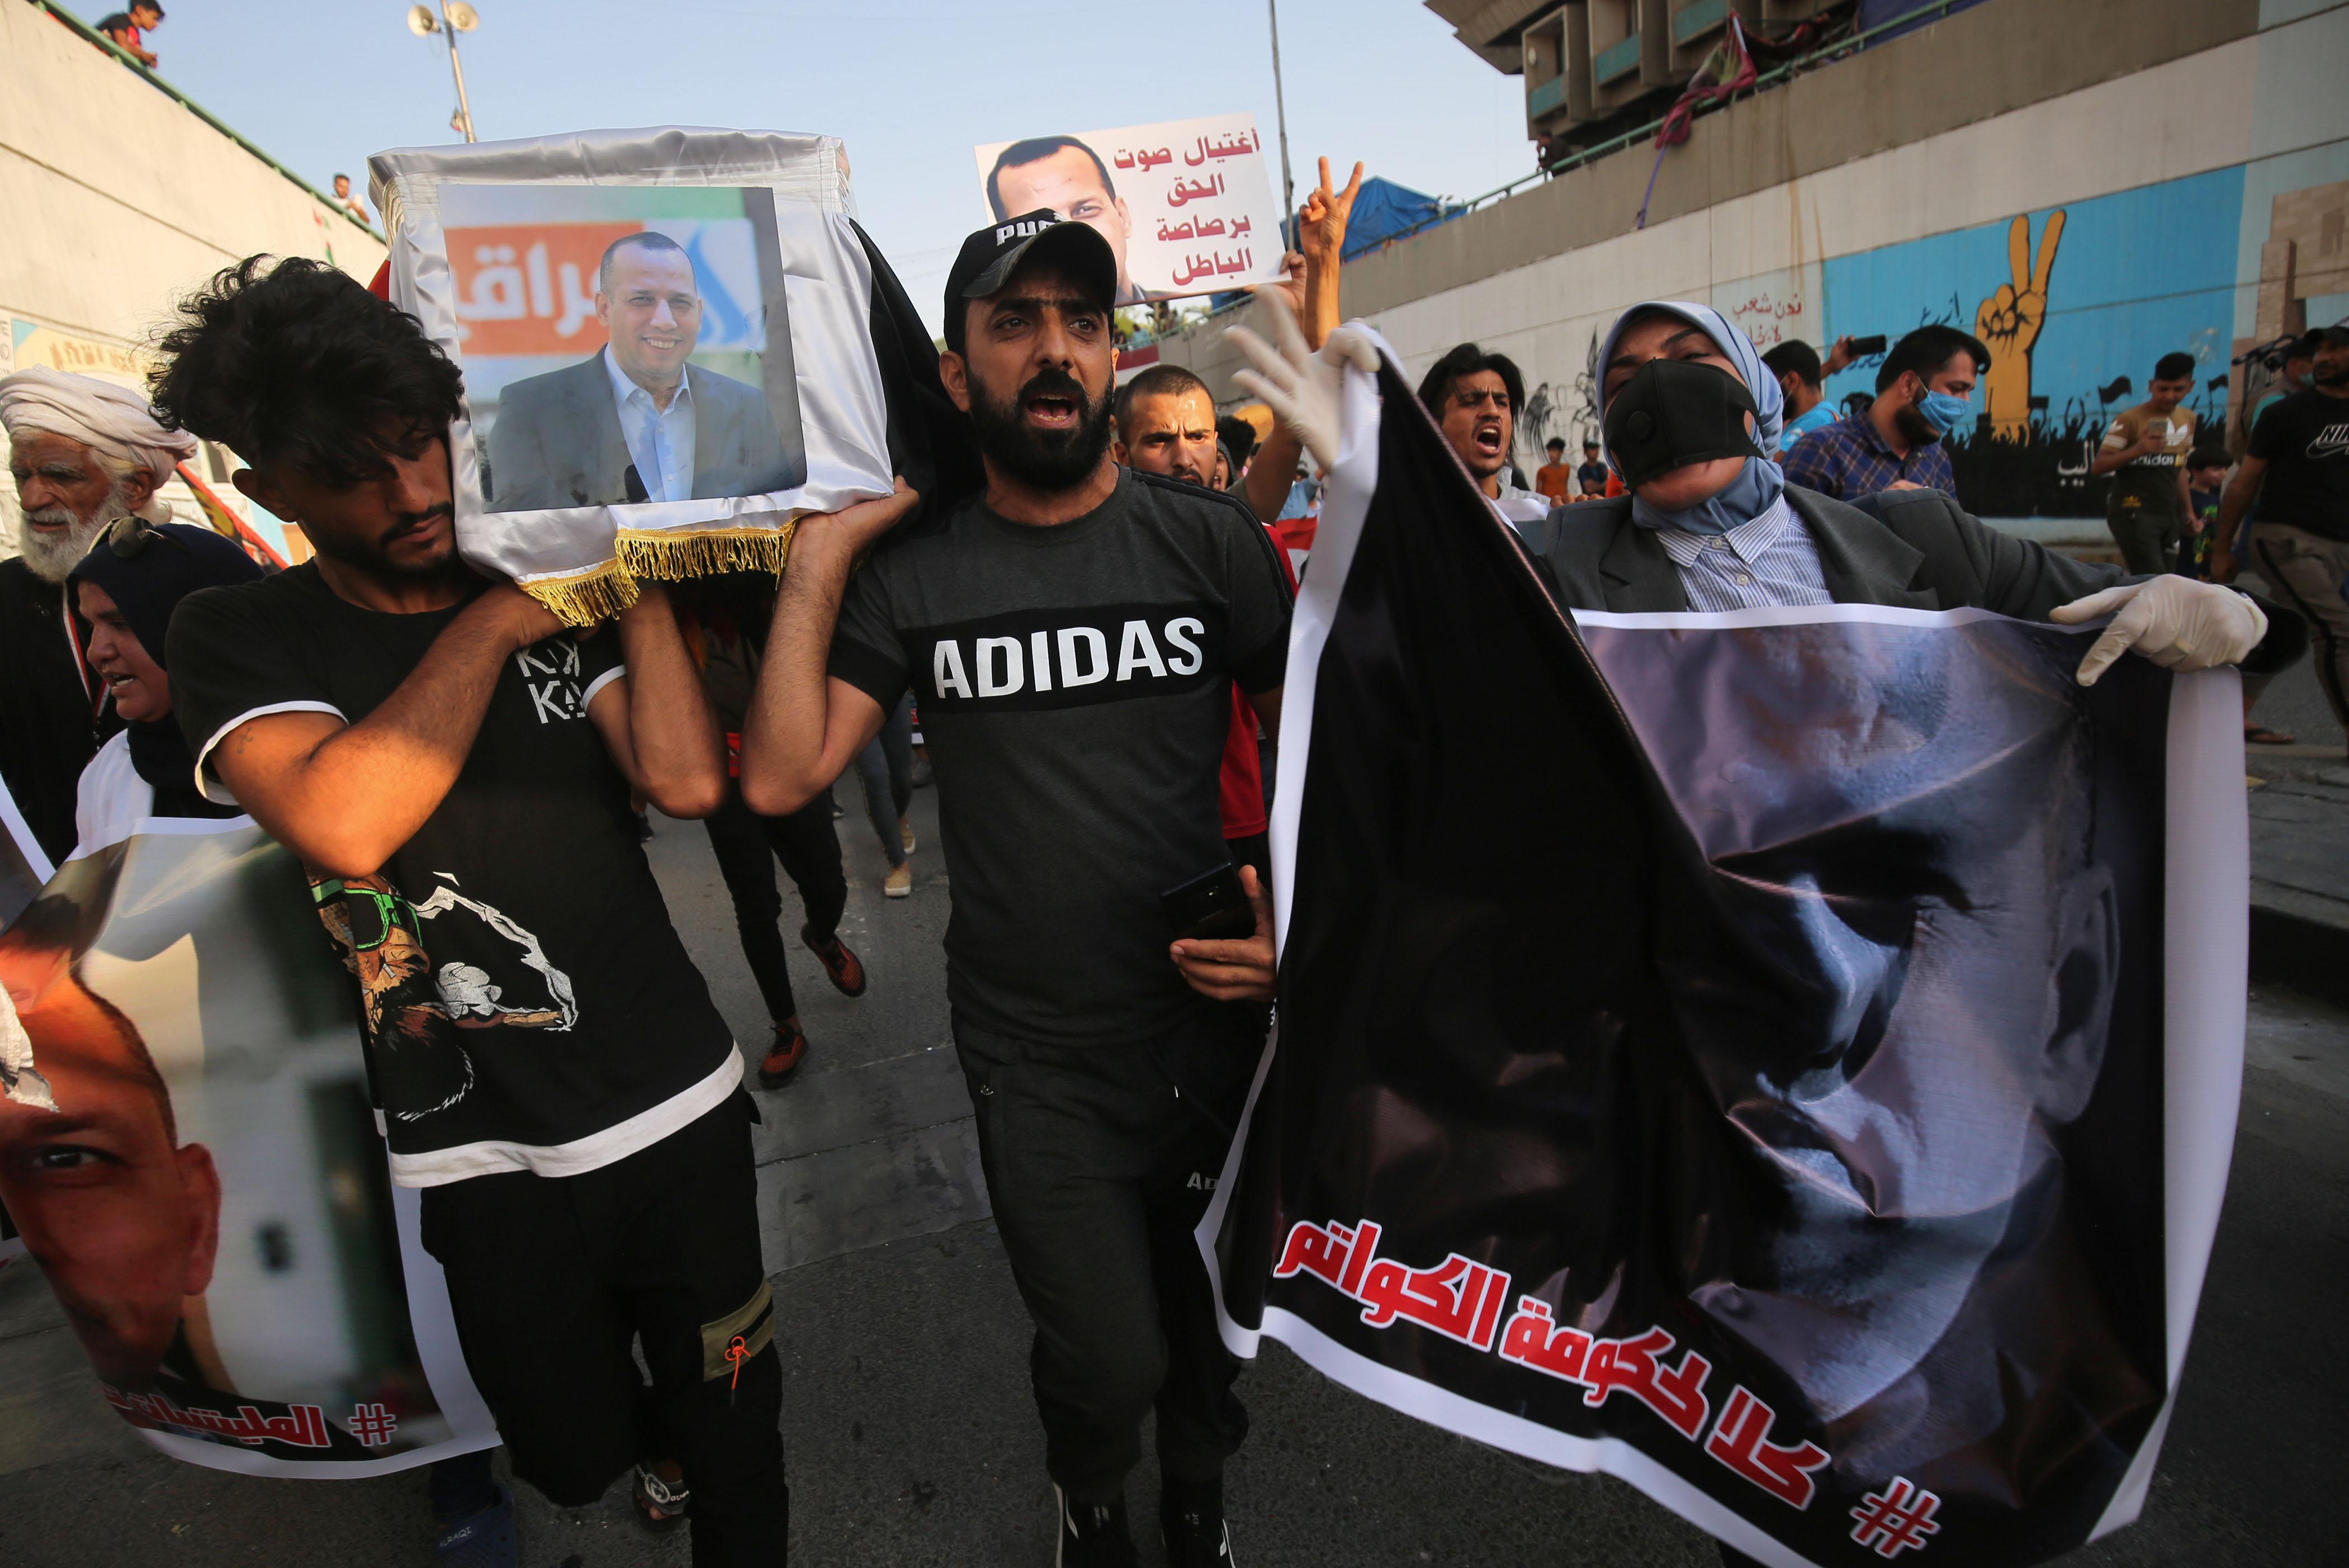 حمل المشيعون تابوتا رمزيا للراحل هشام الهاشمي